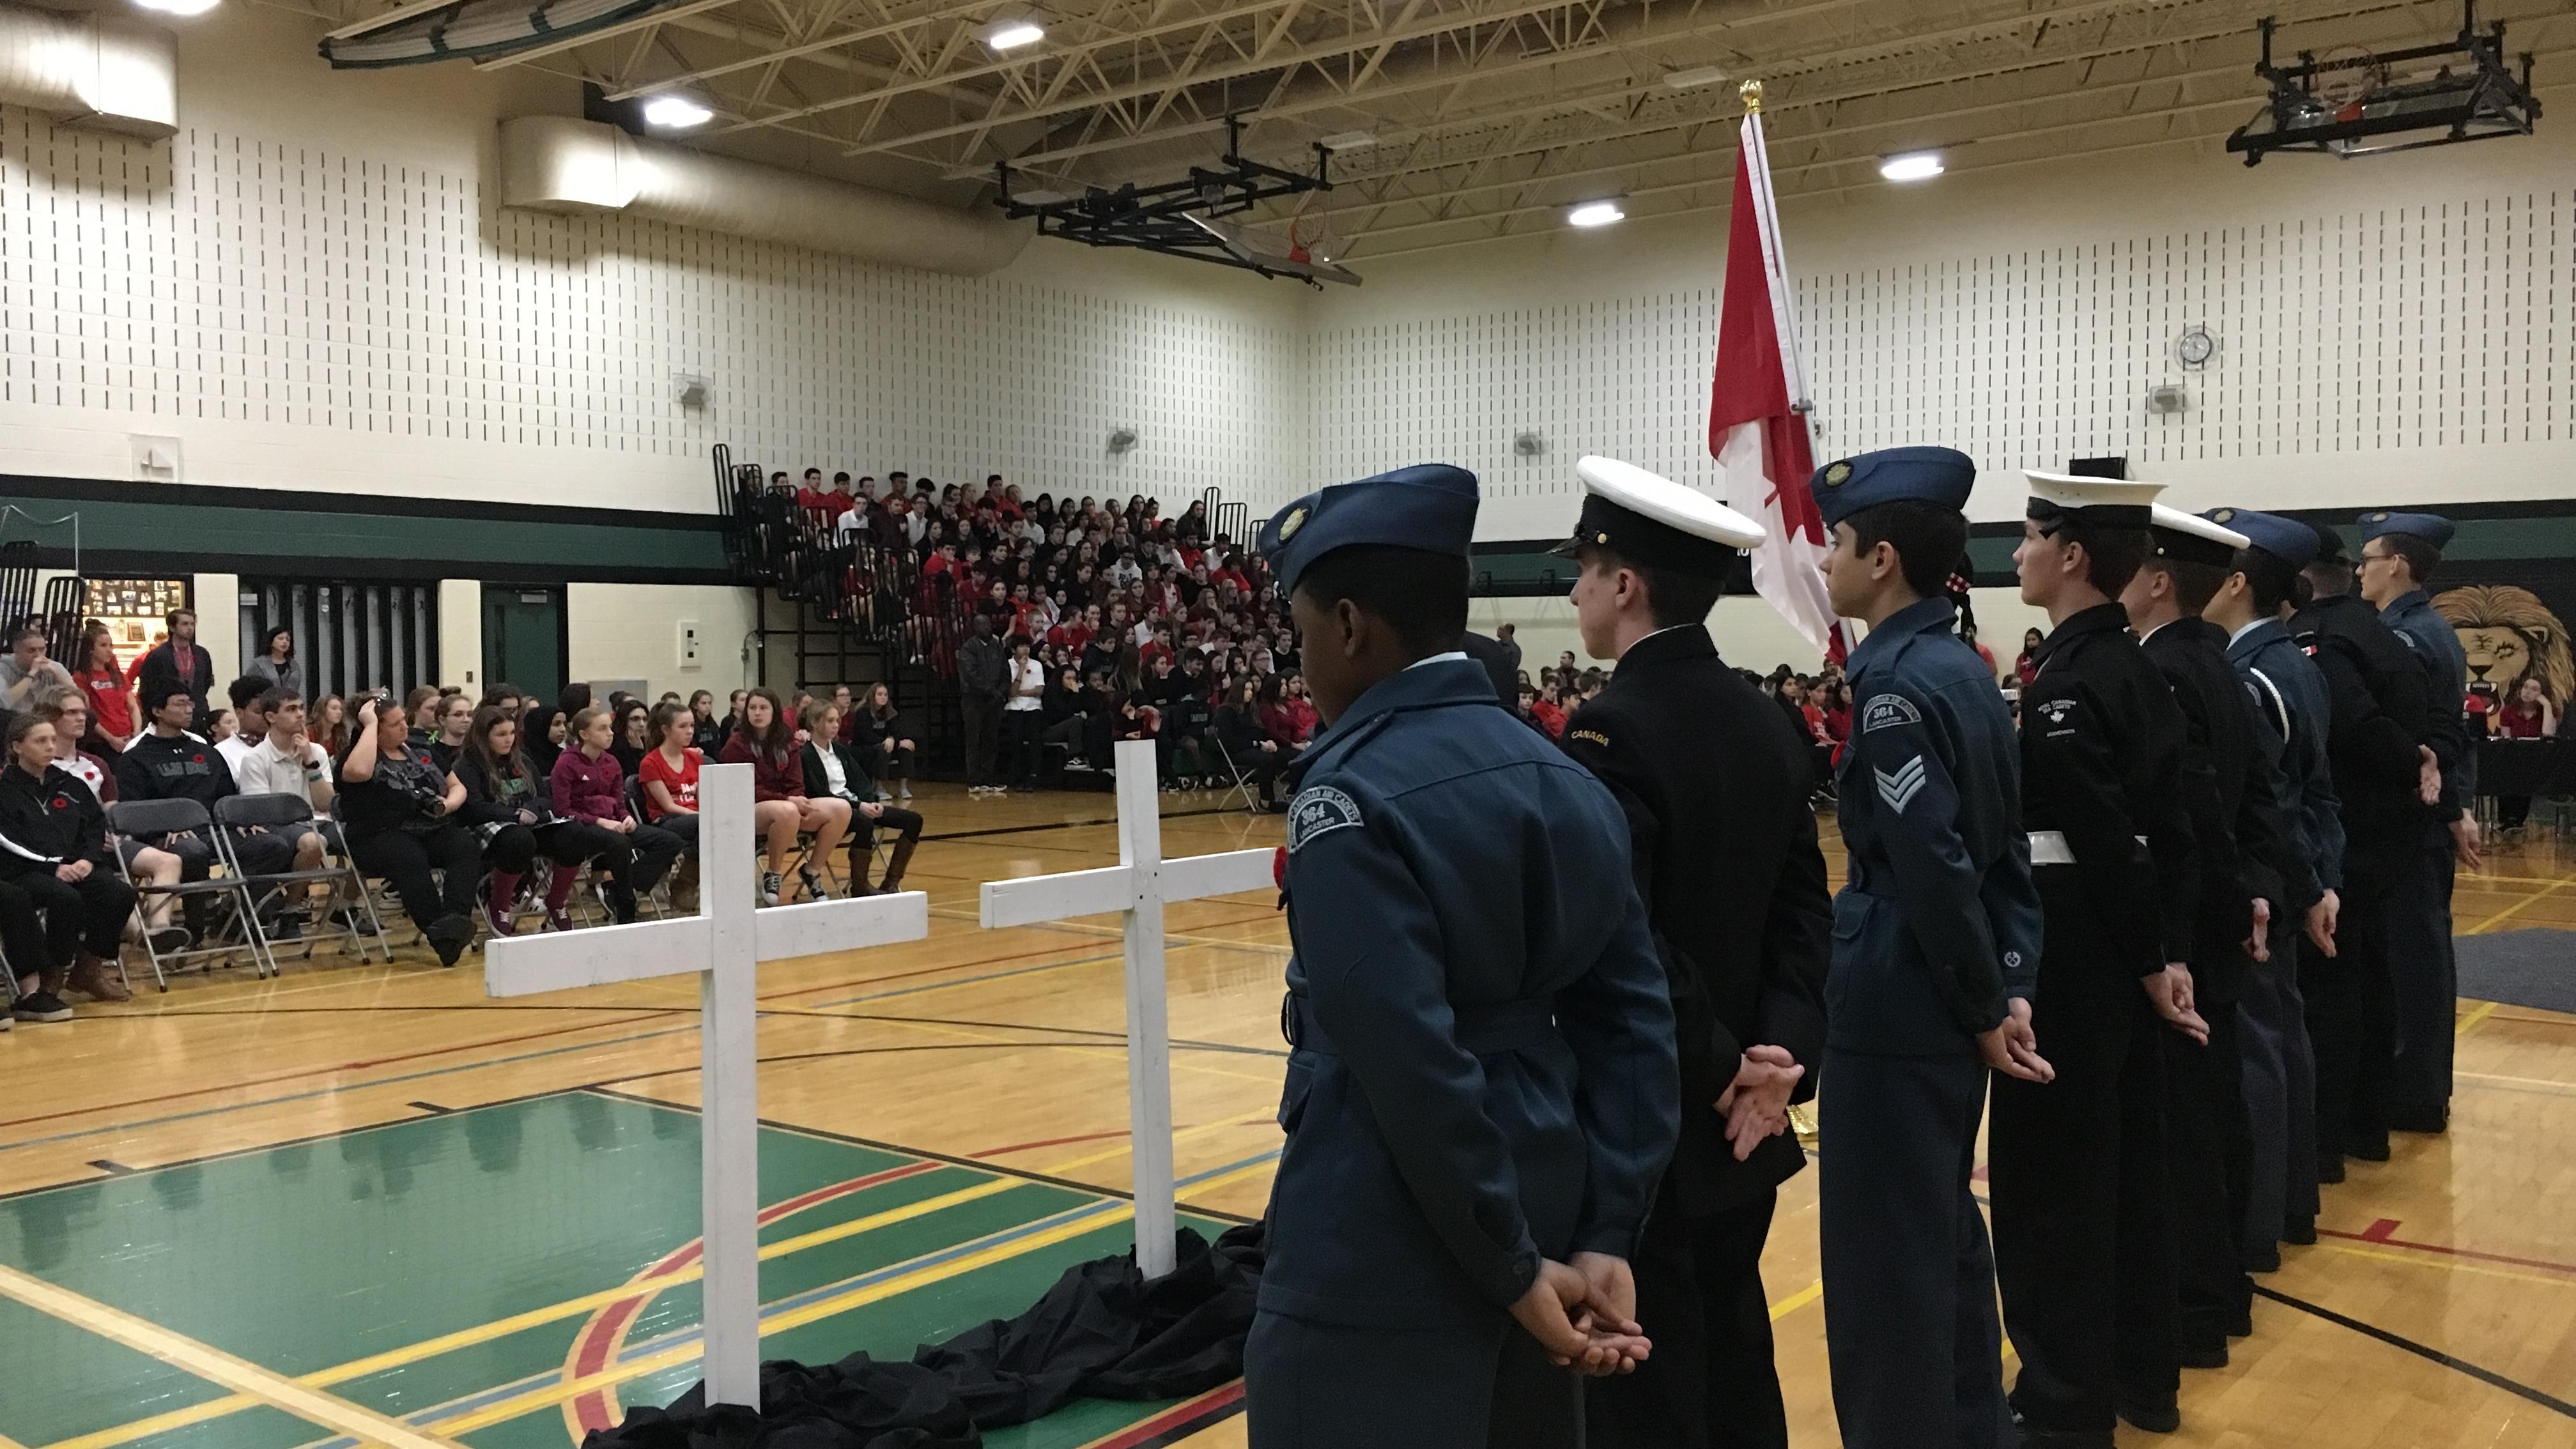 Des officiers de réserve et des cadets font face à une foule de jeunes.